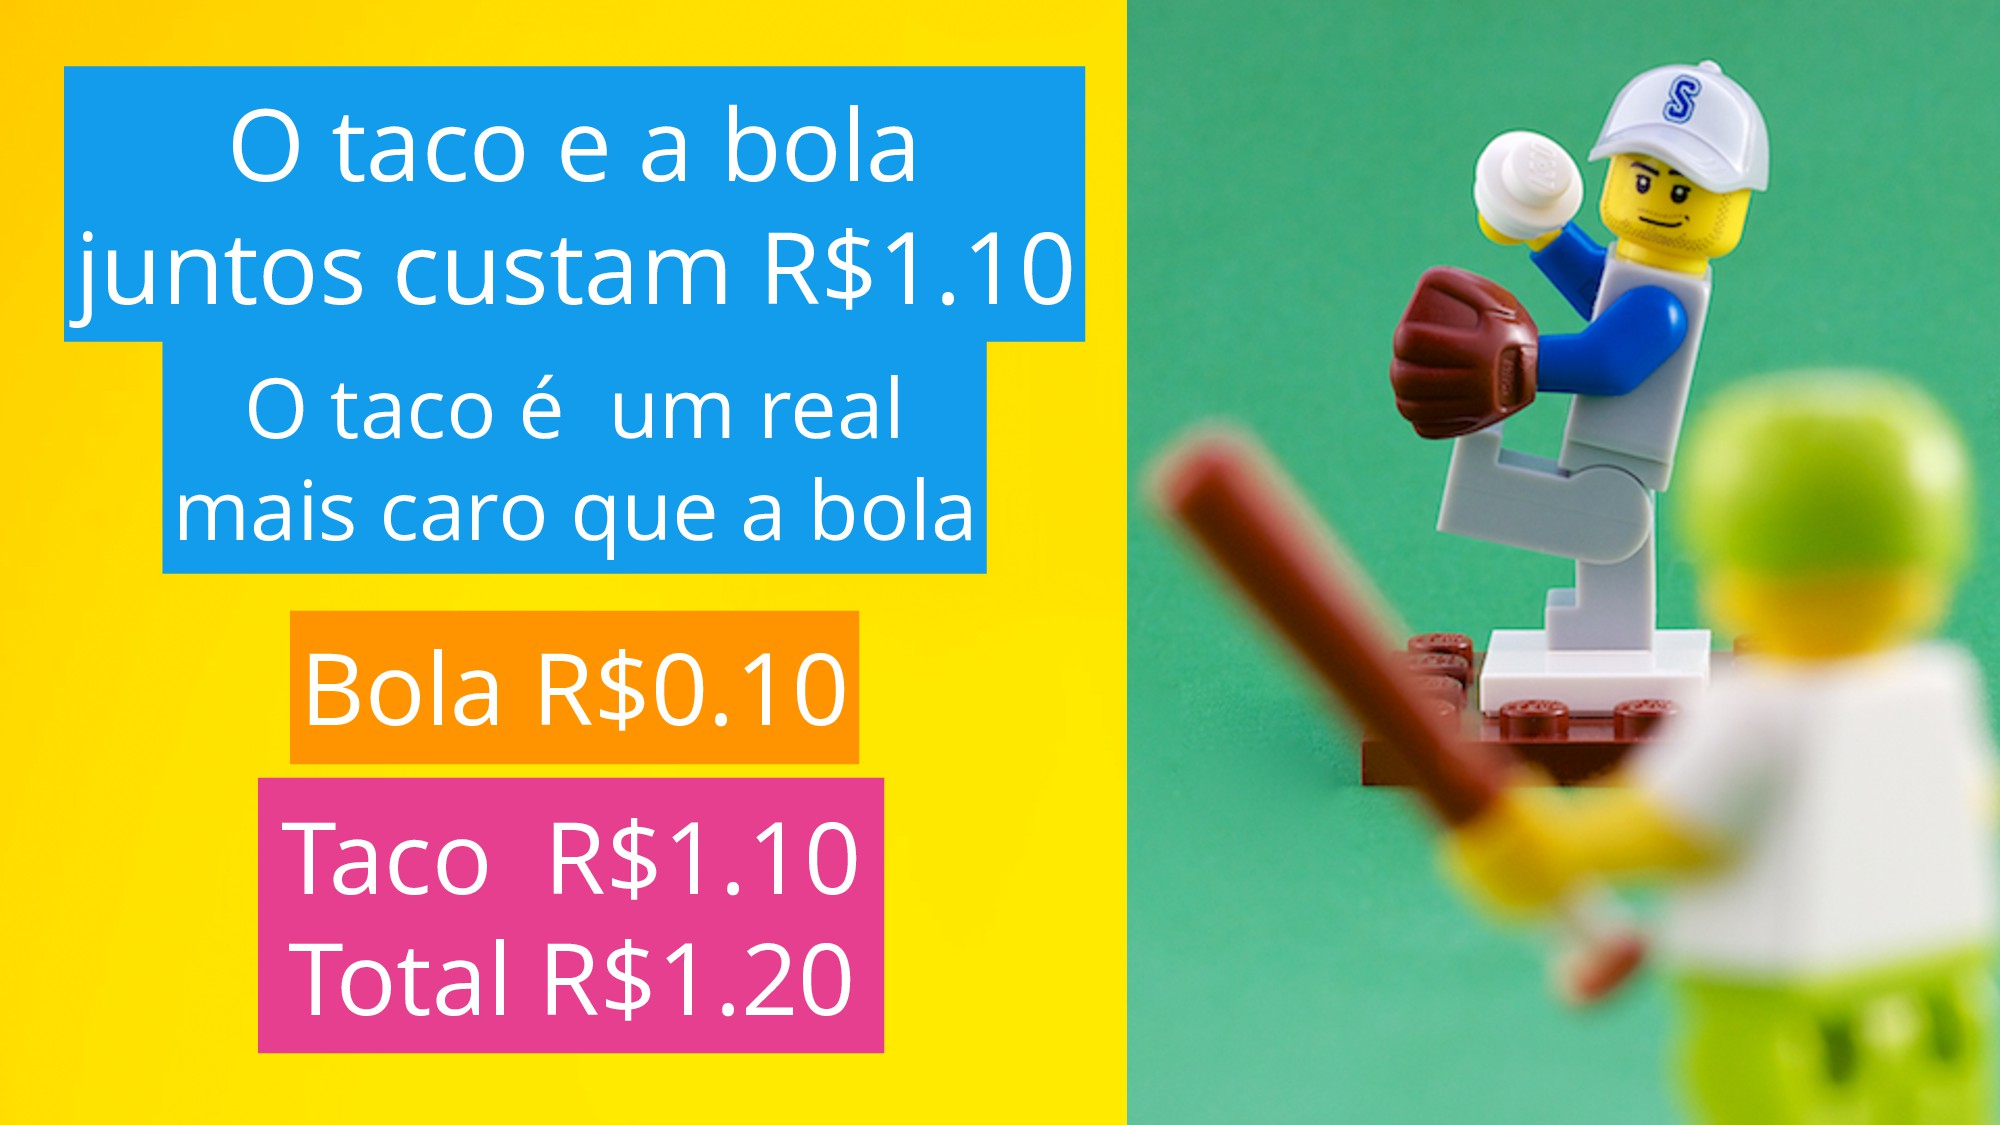 Bola R$0.10 Taco R$1.10 Total R$1.20 O taco é u...